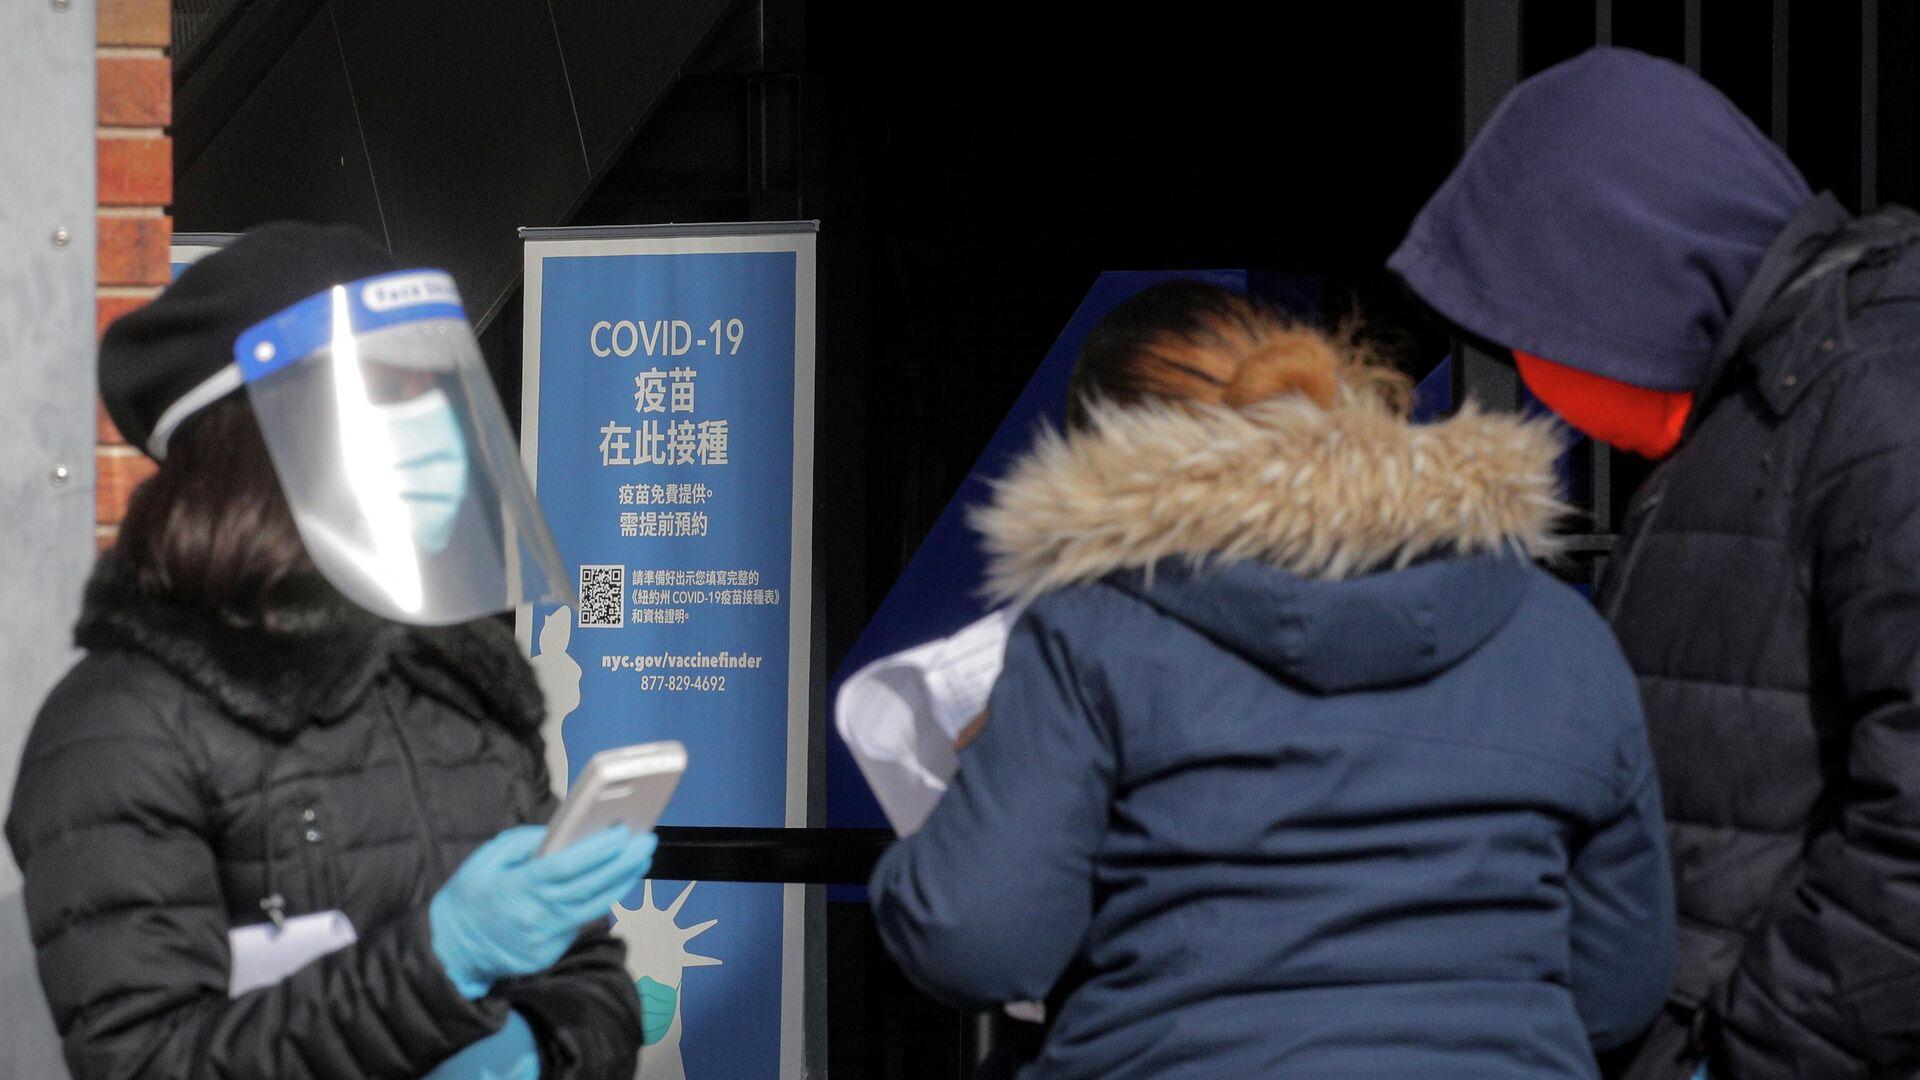 Медицинский работник помогает людям записываться на прием для получения вакцины против коронавируса (COVID-19) в Нью-Йорке, США - РИА Новости, 1920, 28.02.2021